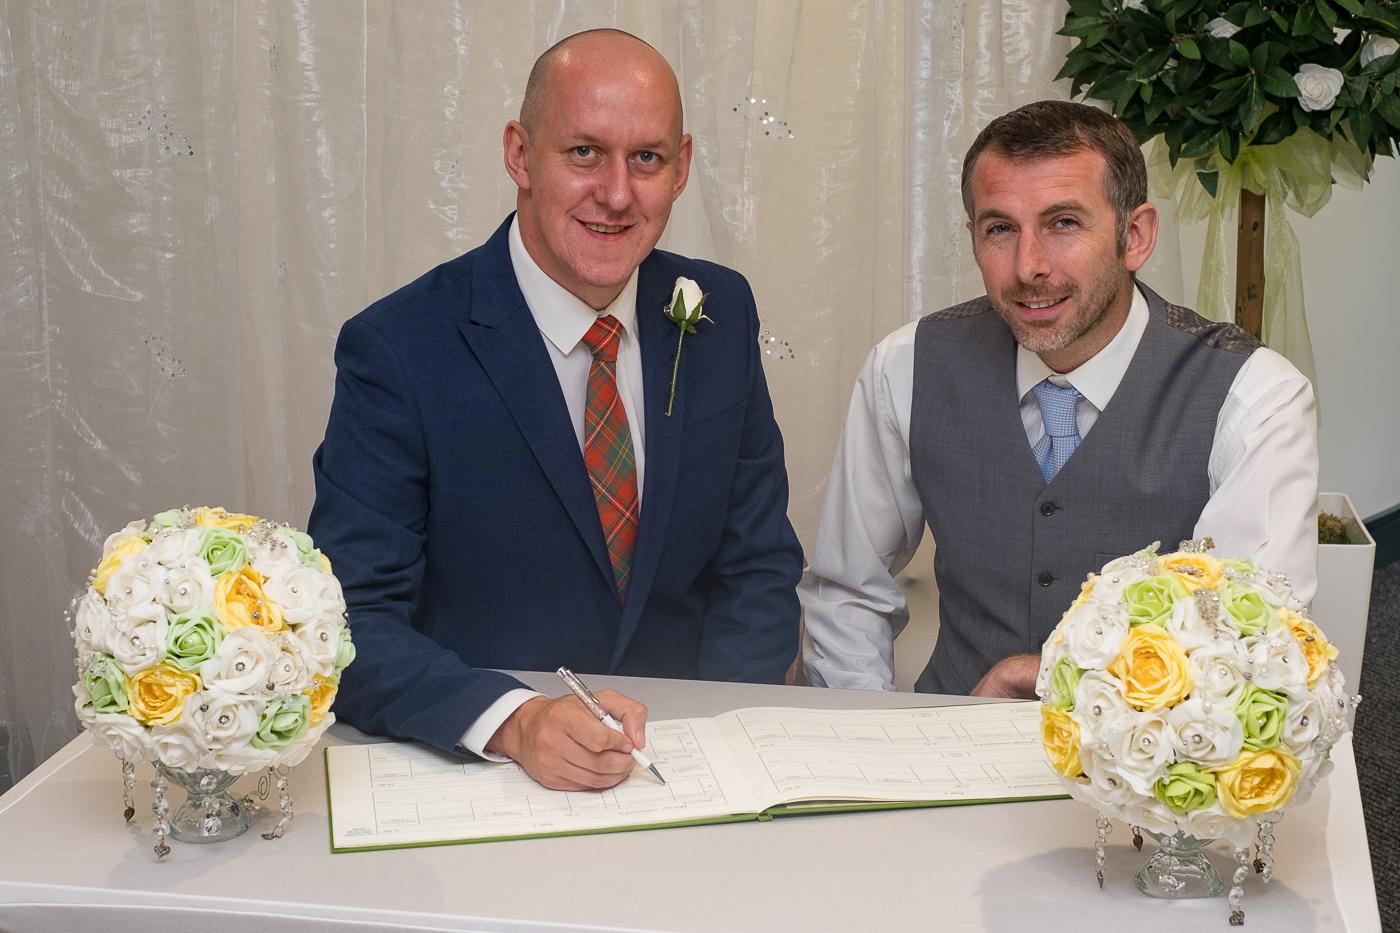 Wigan council wedding